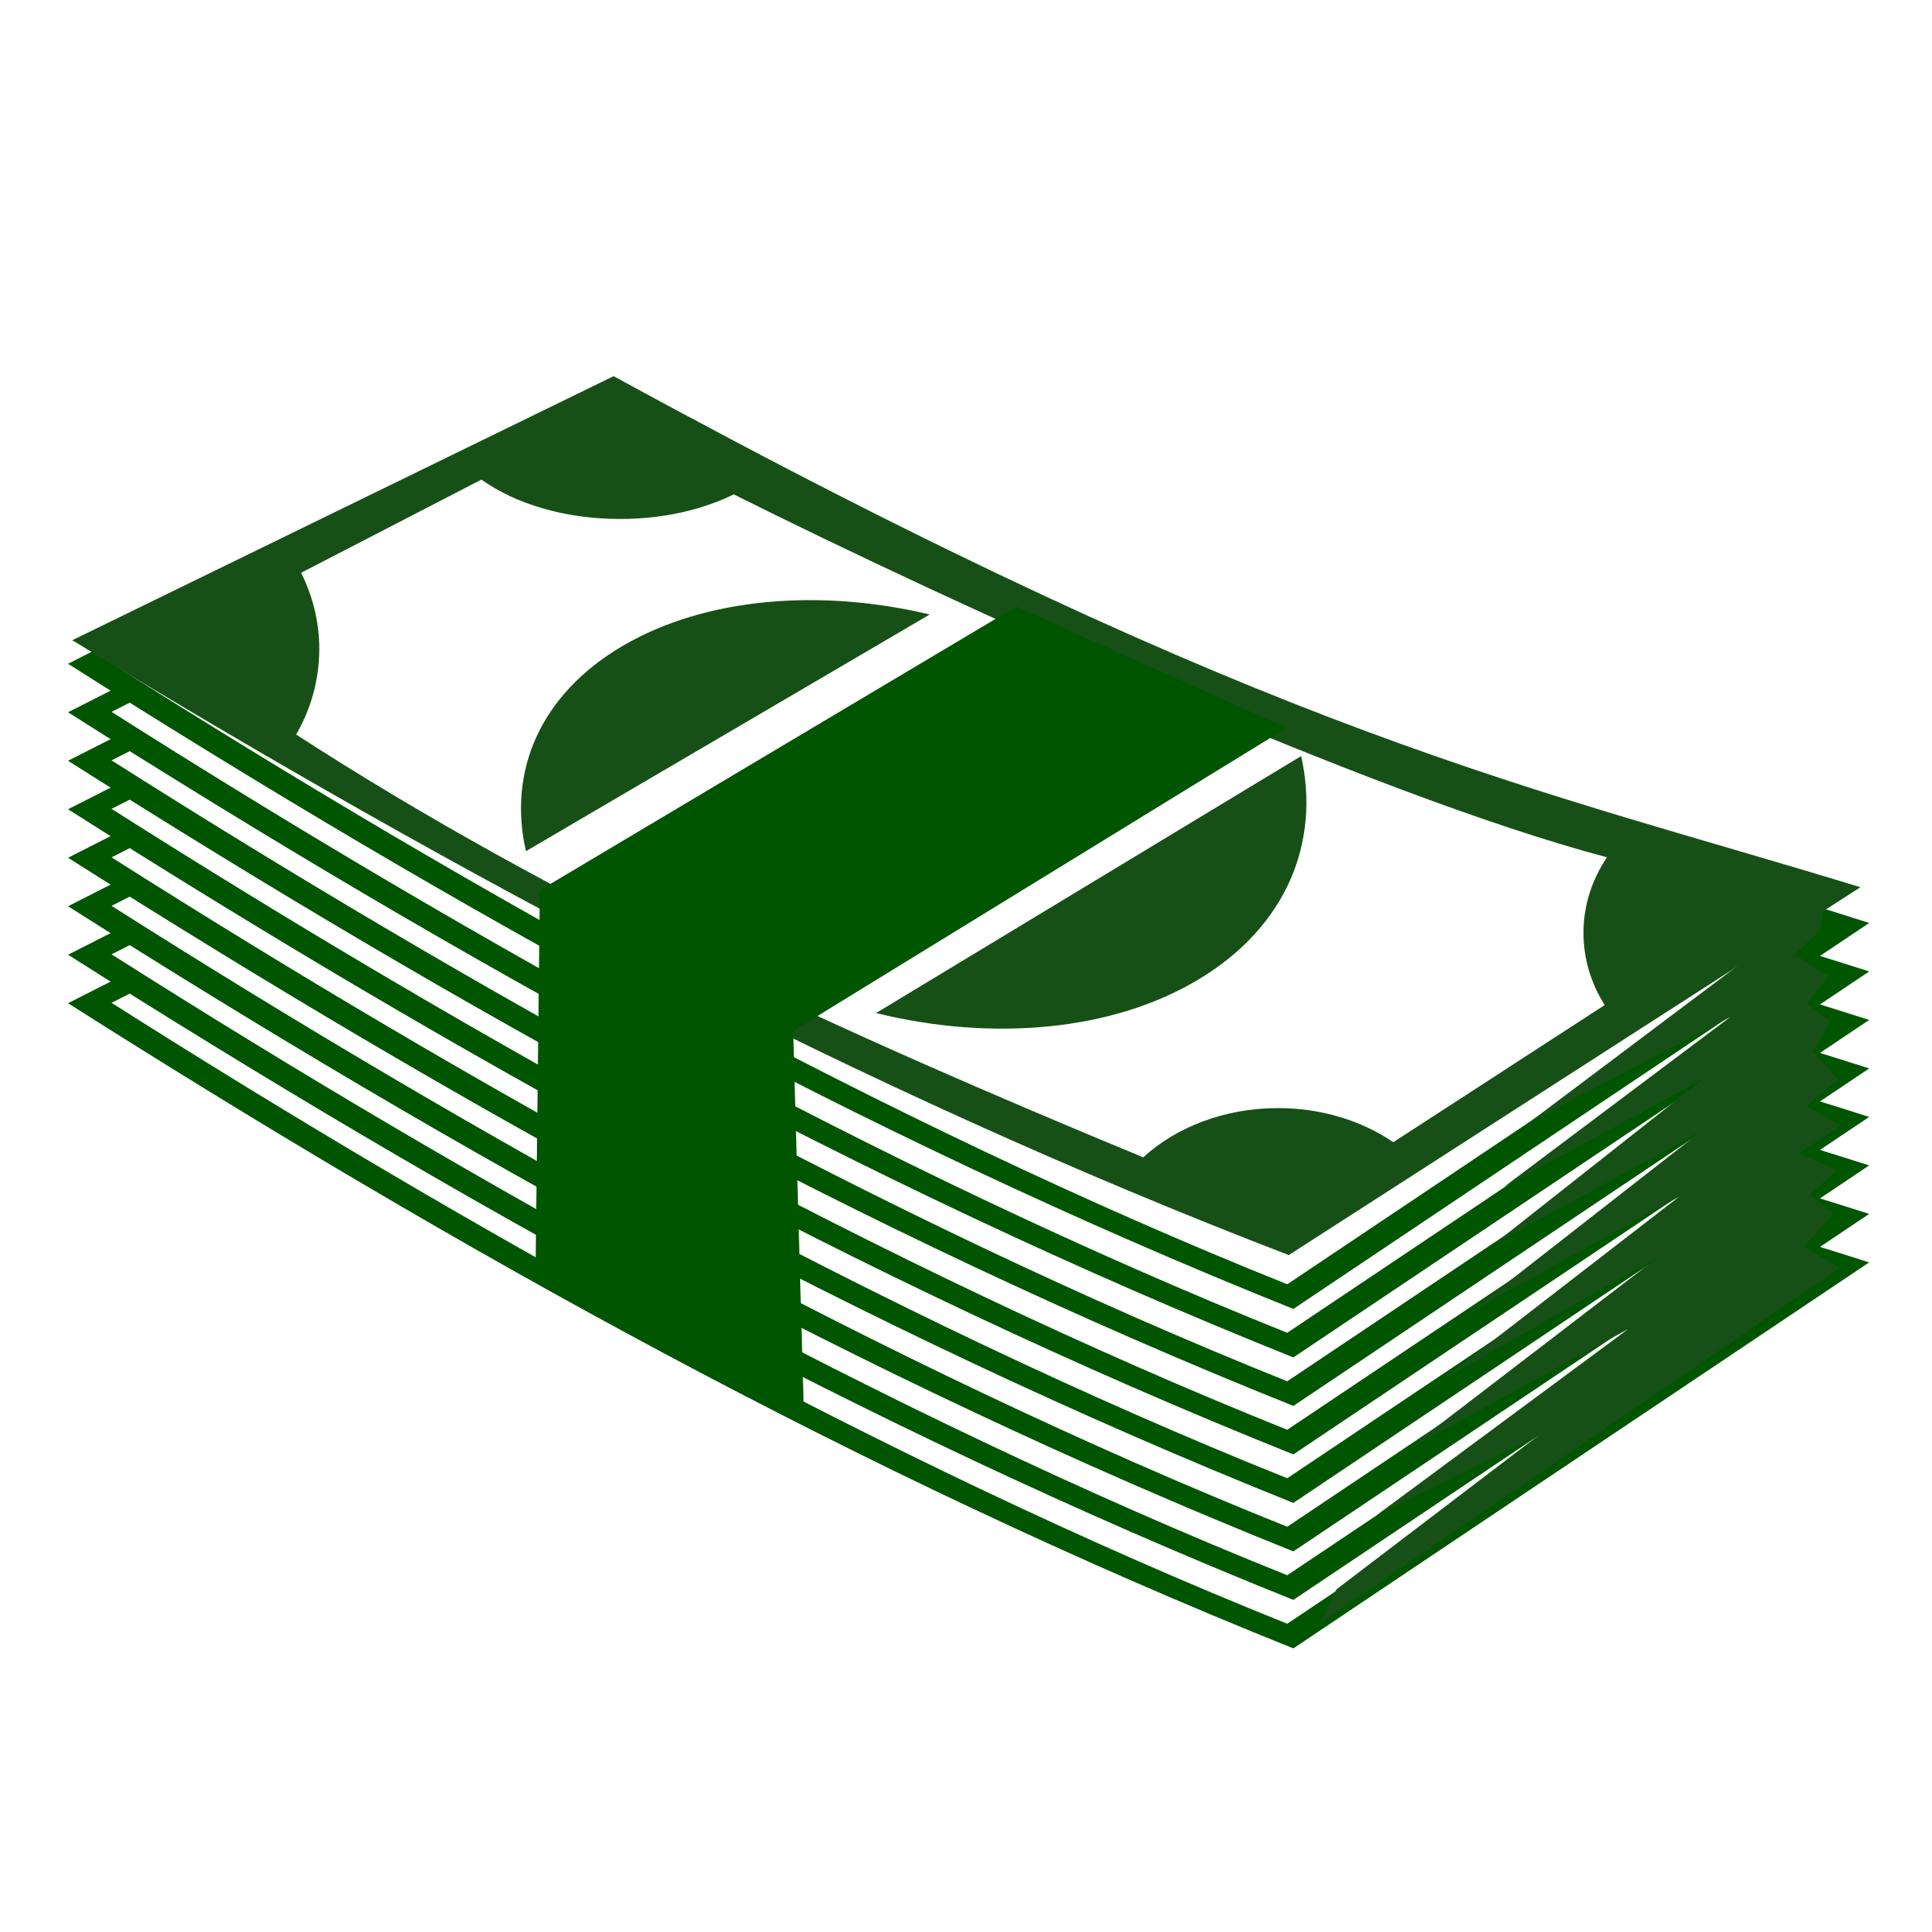 Cash Clip Art. BIG IMAGE (PNG)-Cash Clip Art. BIG IMAGE (PNG)-2